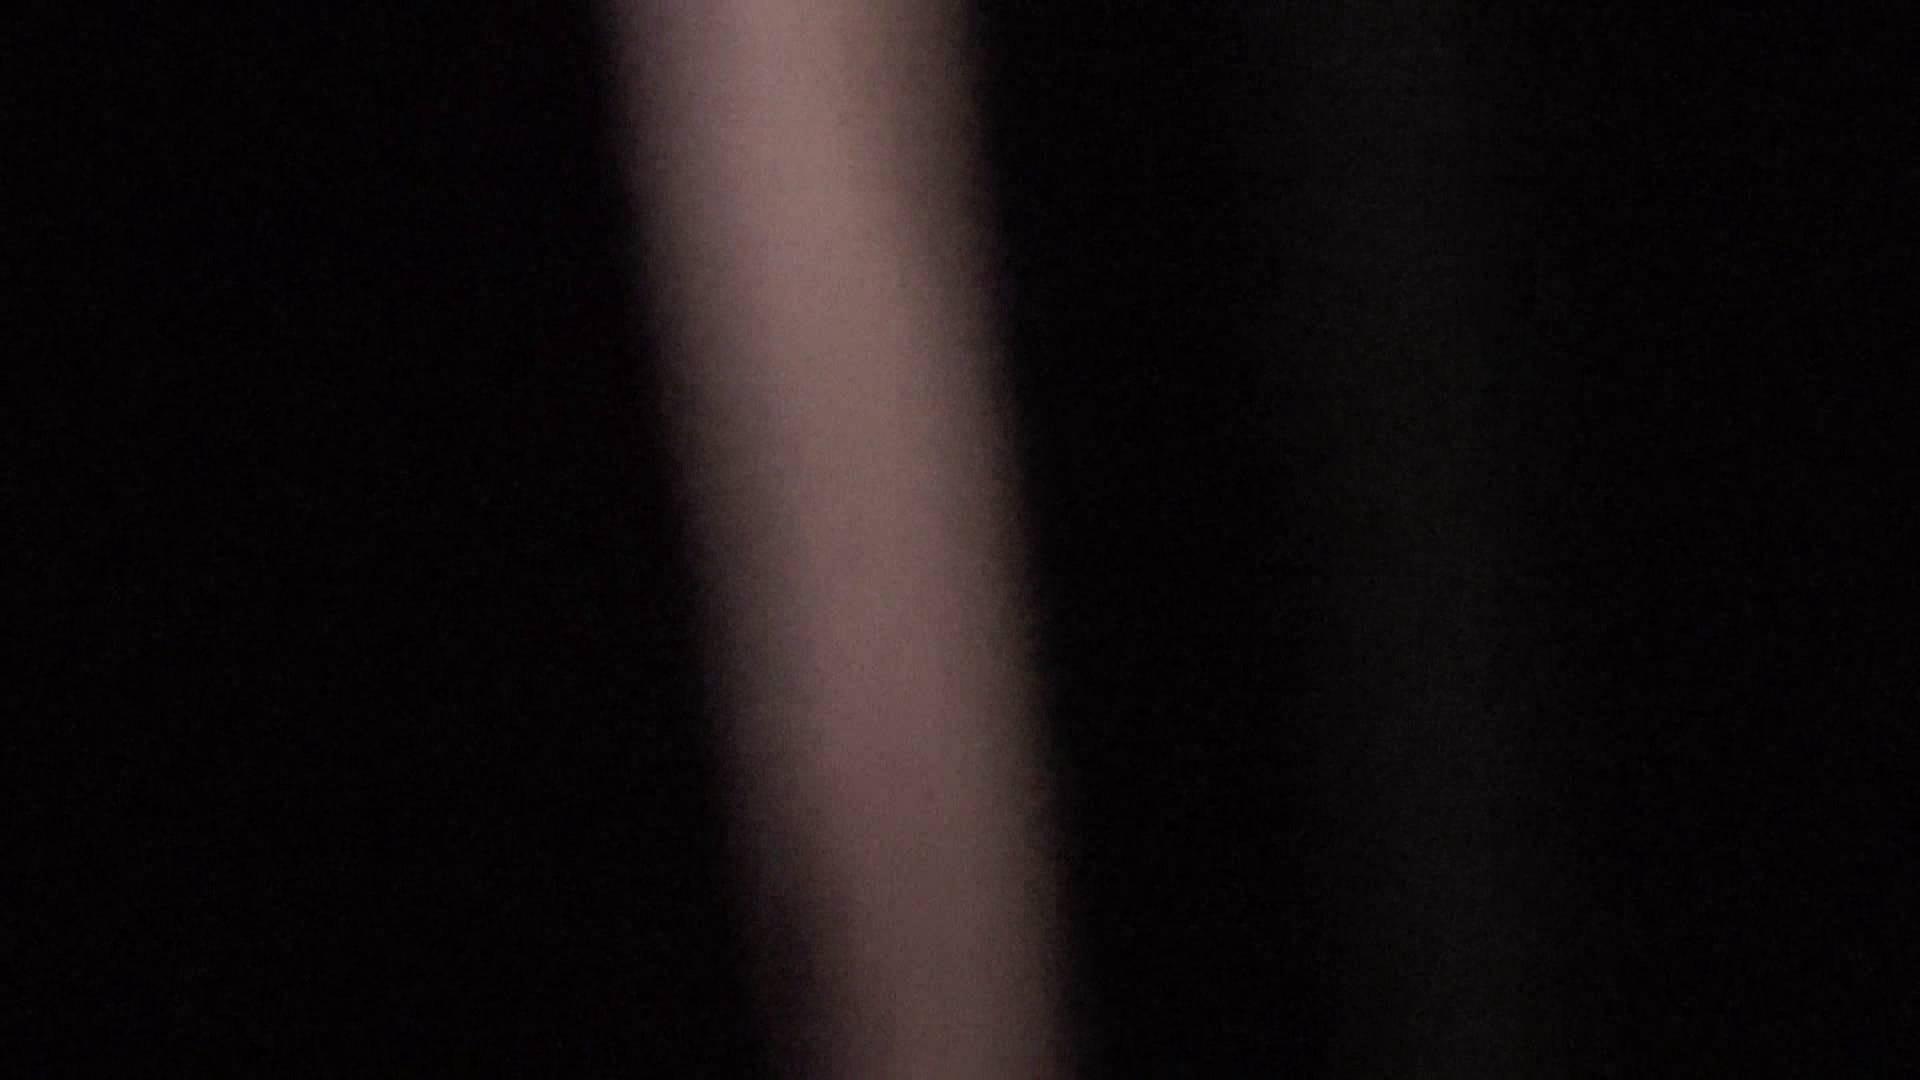 民家の騎士さんの最後の性戦ハイビジョン!!No.66 民家 盗撮動画紹介 78画像 47